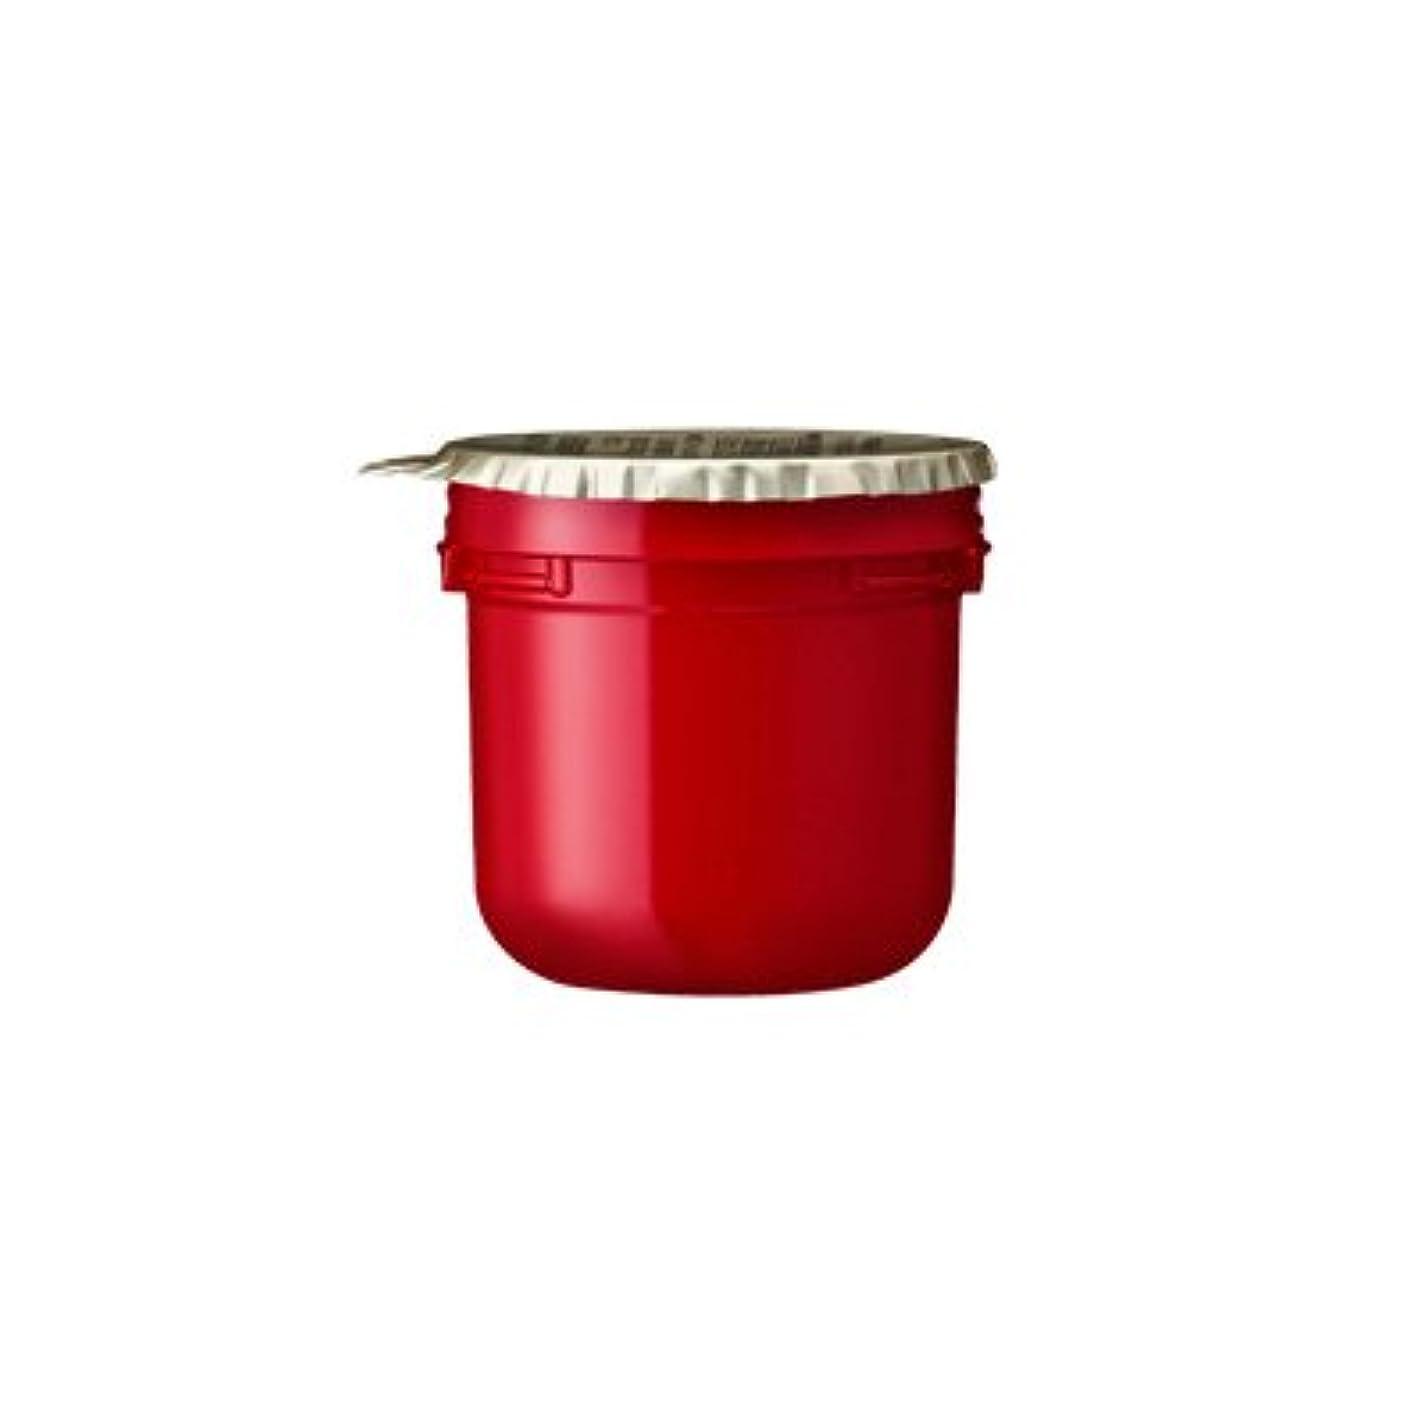 スマッシュキャロラインいたずらフジフイルム アスタリフト クリーム (レフィル) 30g リニューアル (4547410340594)並行輸入品